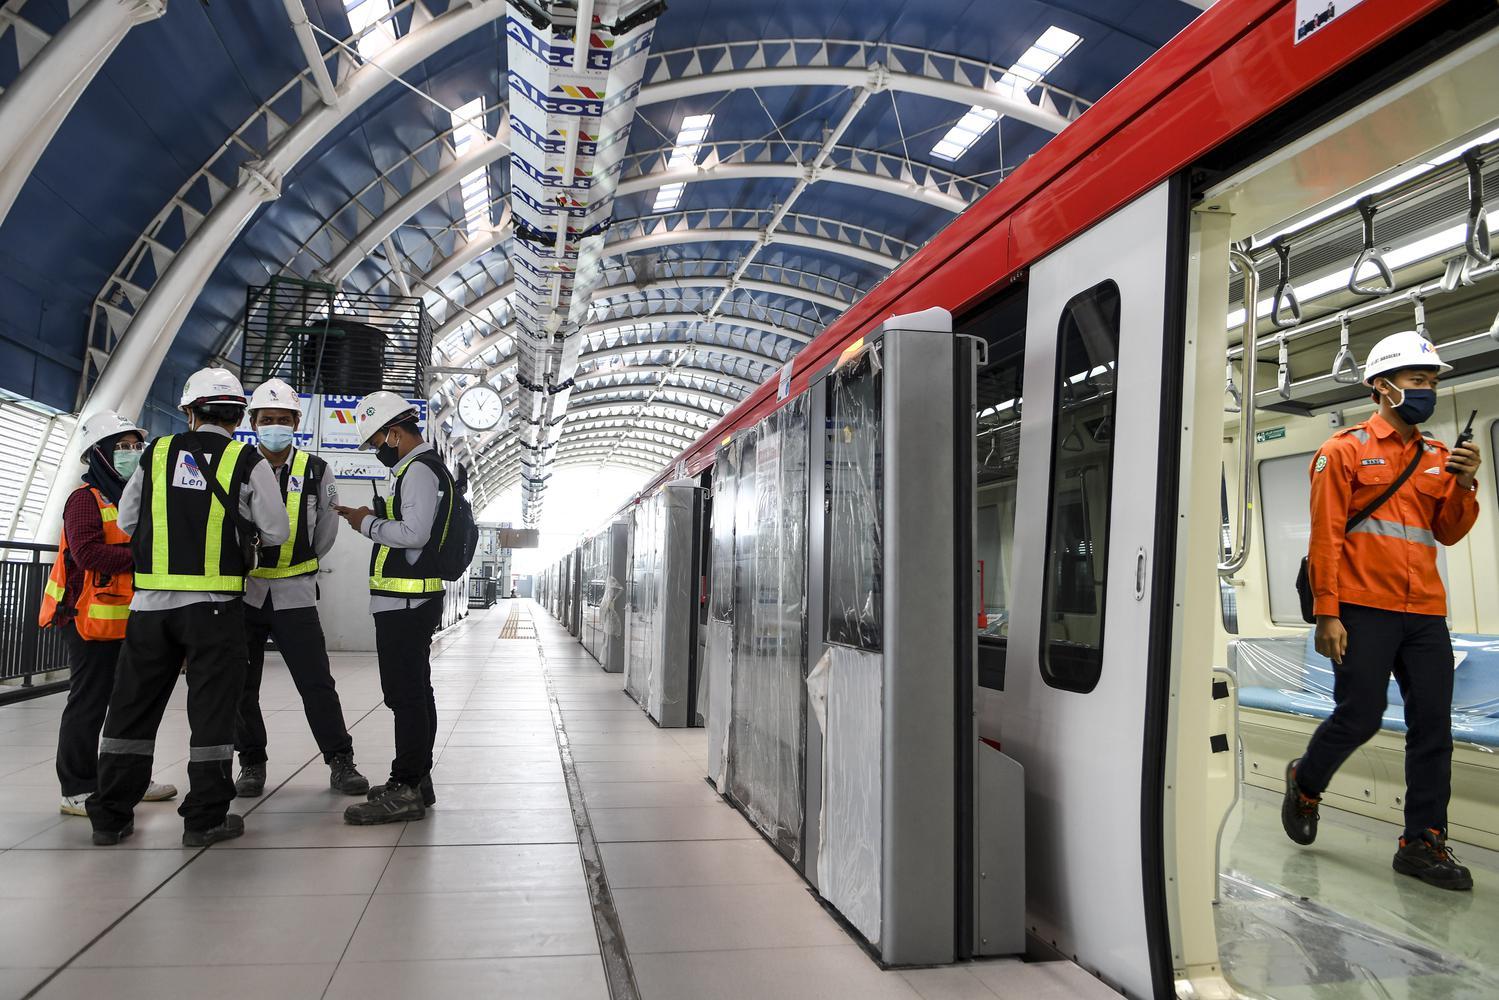 Seorang pekerja melintas di dalam kereta api ringan atau Light Rail Transit (LRT) saat akan melaksanakan uji coba lintasan LRT Jabodebek TMII-Cibubur di Stasiun LRT TMII, Jakarta, Rabu (11/11/2020). Menurut Direktur Utama PT Adhi Karya (Persero) Tbk Entus Asnawi Mukhson, Moda transportasi massal itu ditargetkan beroperasi penuh sekitar bulan Juni 2022 dikarenakan masih terganjal pada dua titik pembebasan lahan yakni di kawasan Dukuh Atas dan Bekasi yang diperuntukkan sebagai depo.